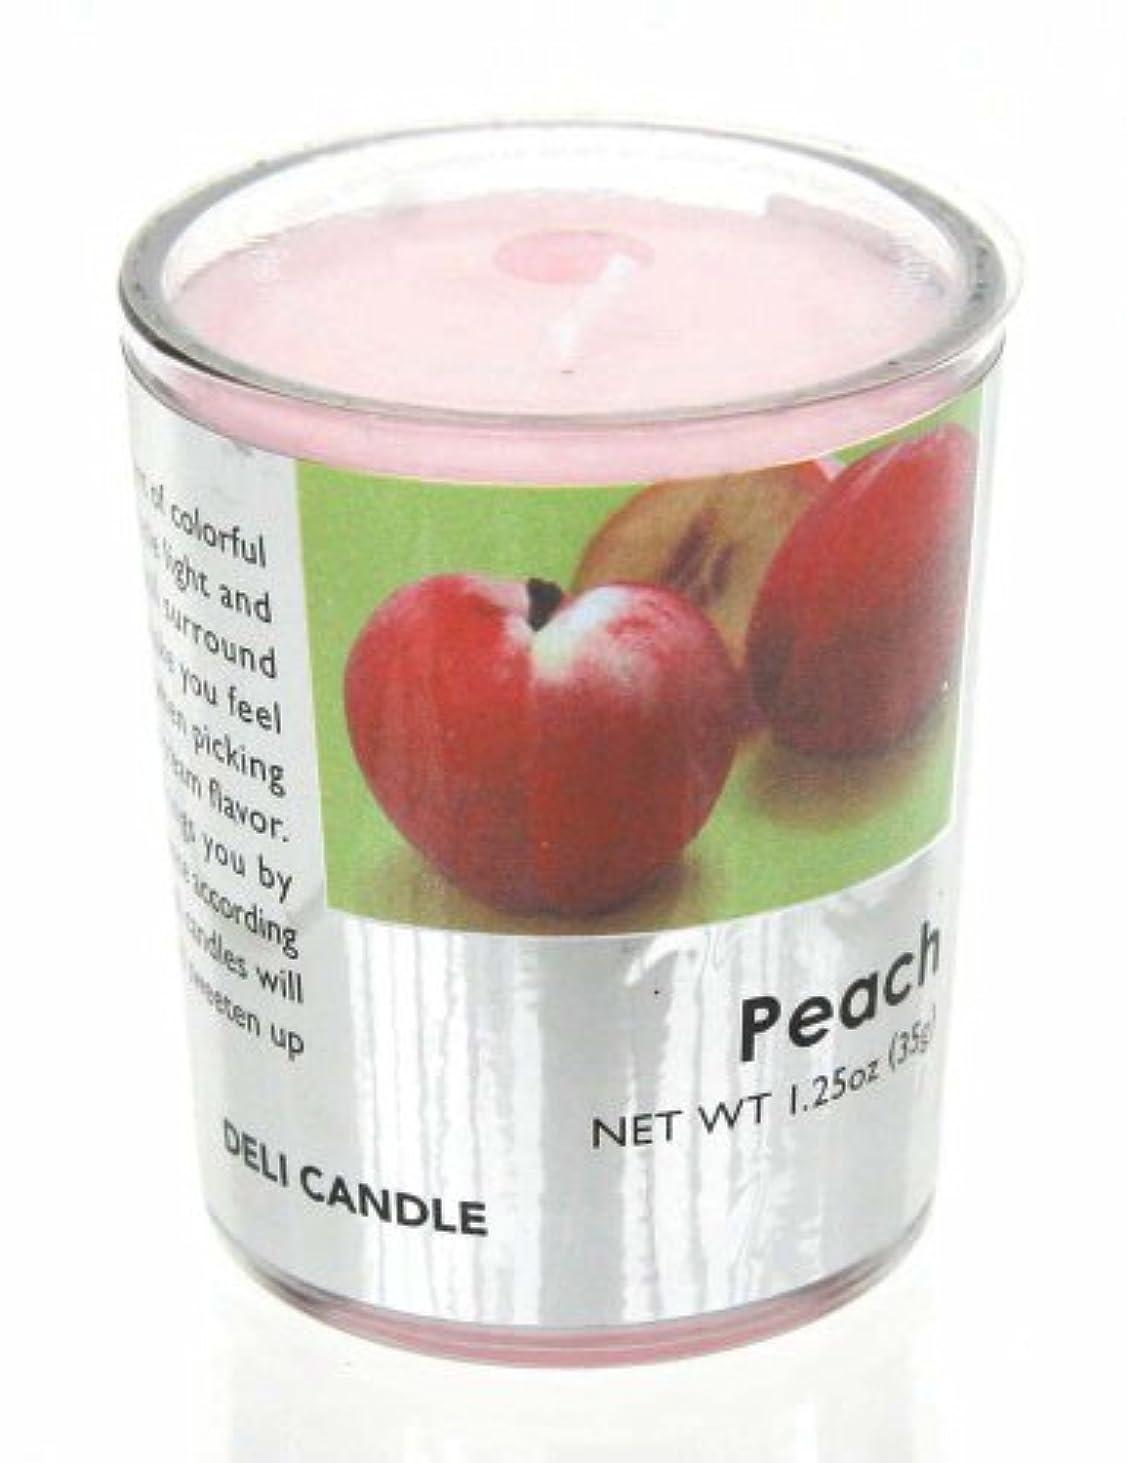 実質的に同意パラナ川デリキャンドル ピーチ 35g(フルーツの香りのろうそく 燃焼時間約10時間)